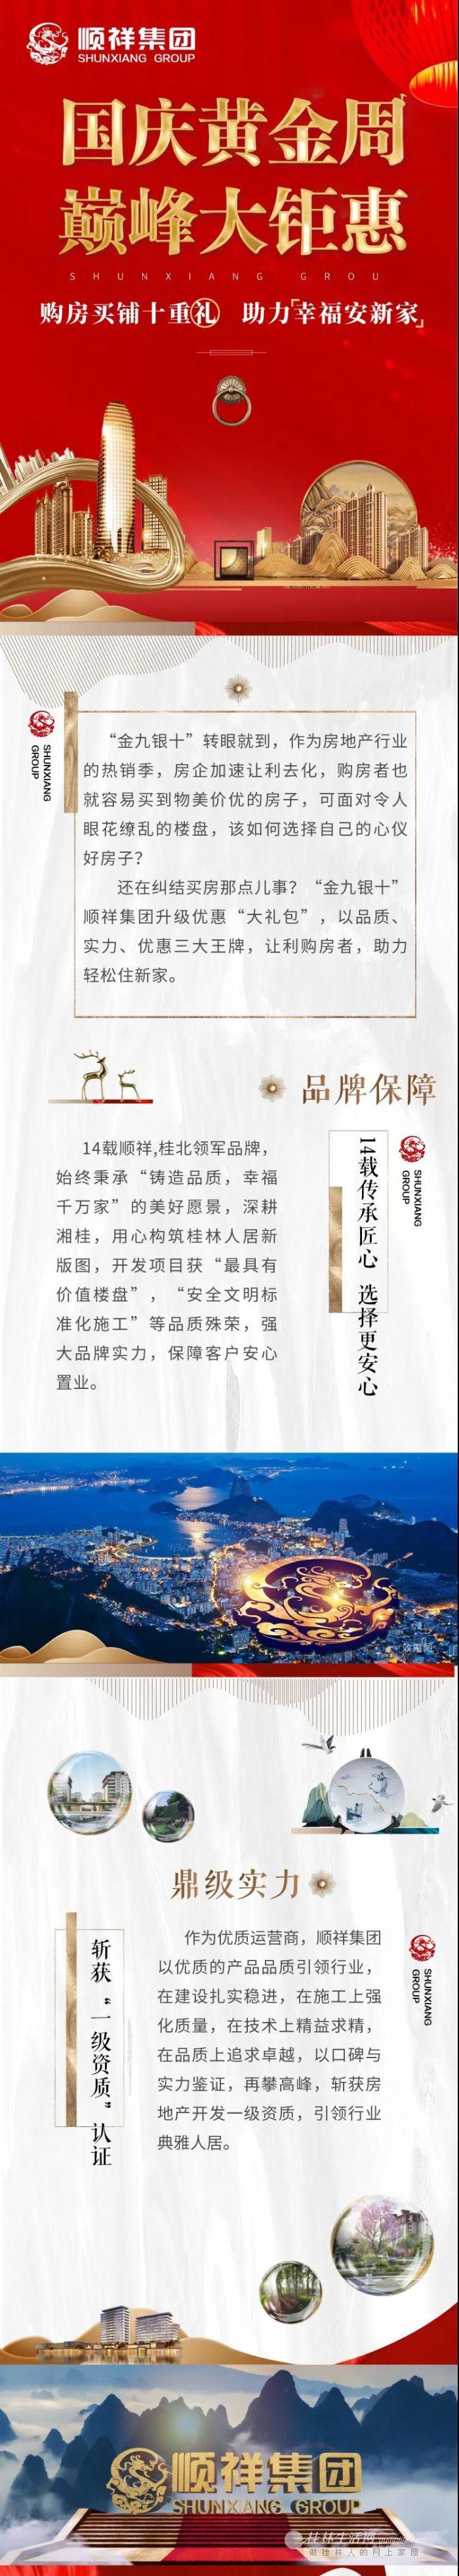 顺祥集团丨国庆黄金周,巅峰大钜惠!